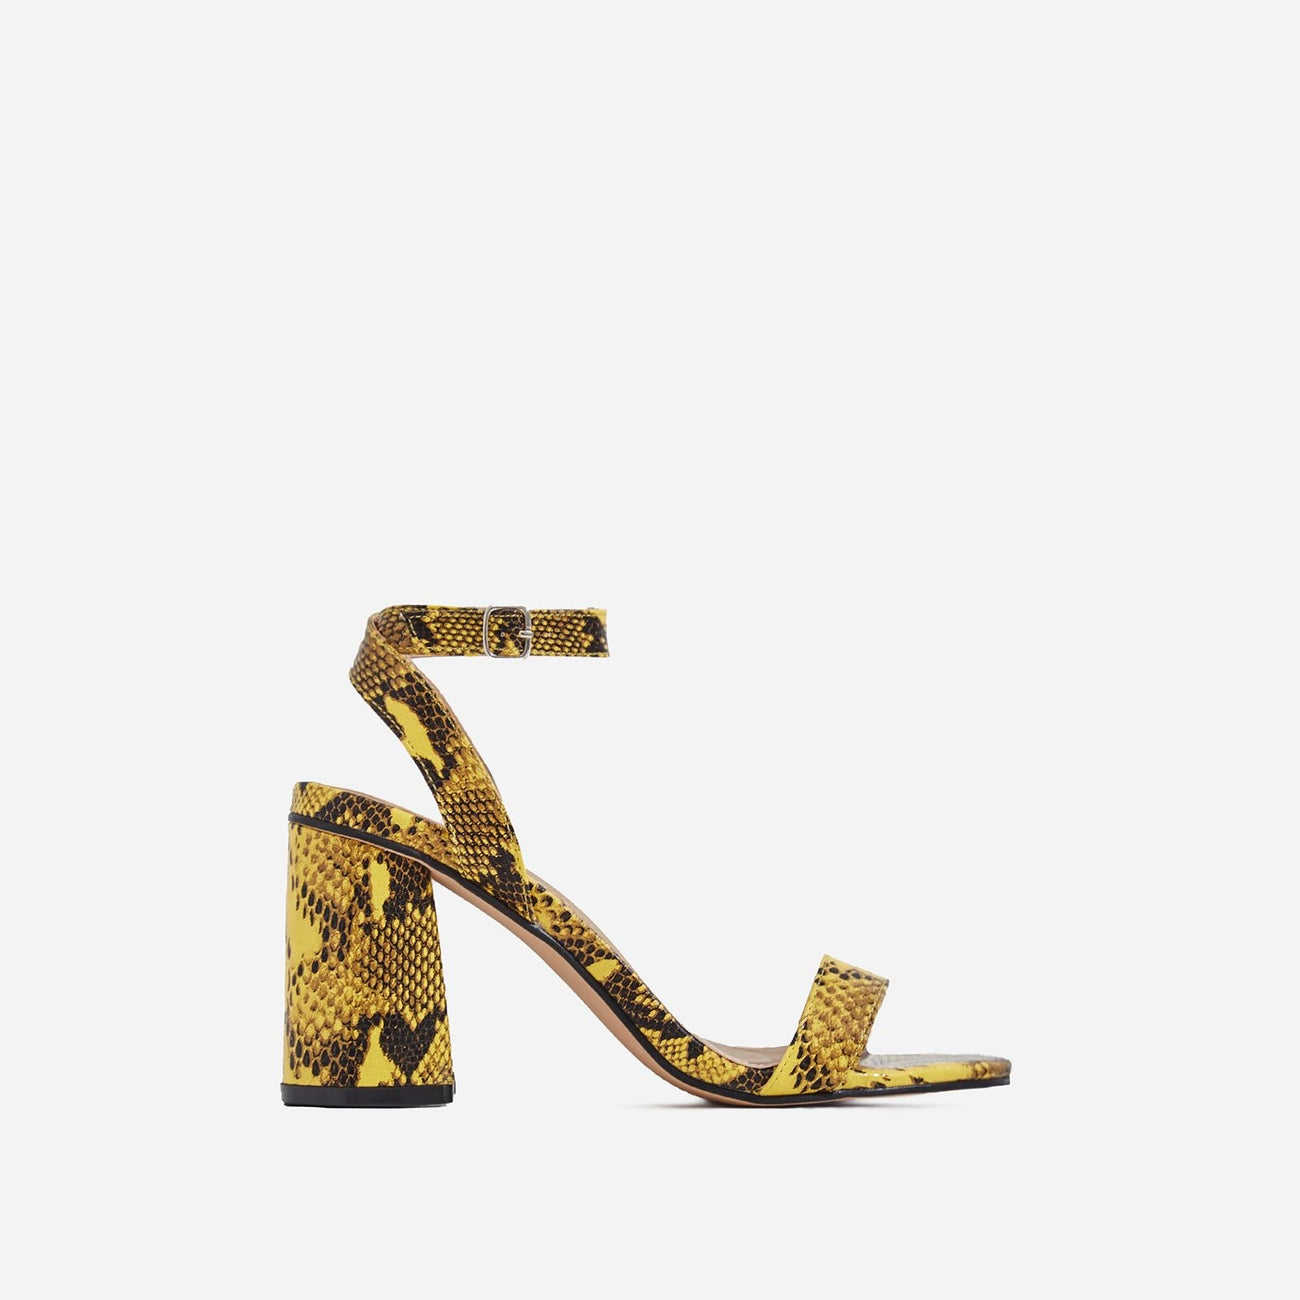 Nikita Midi Block Heel In Yellow Snake Print Faux Leather